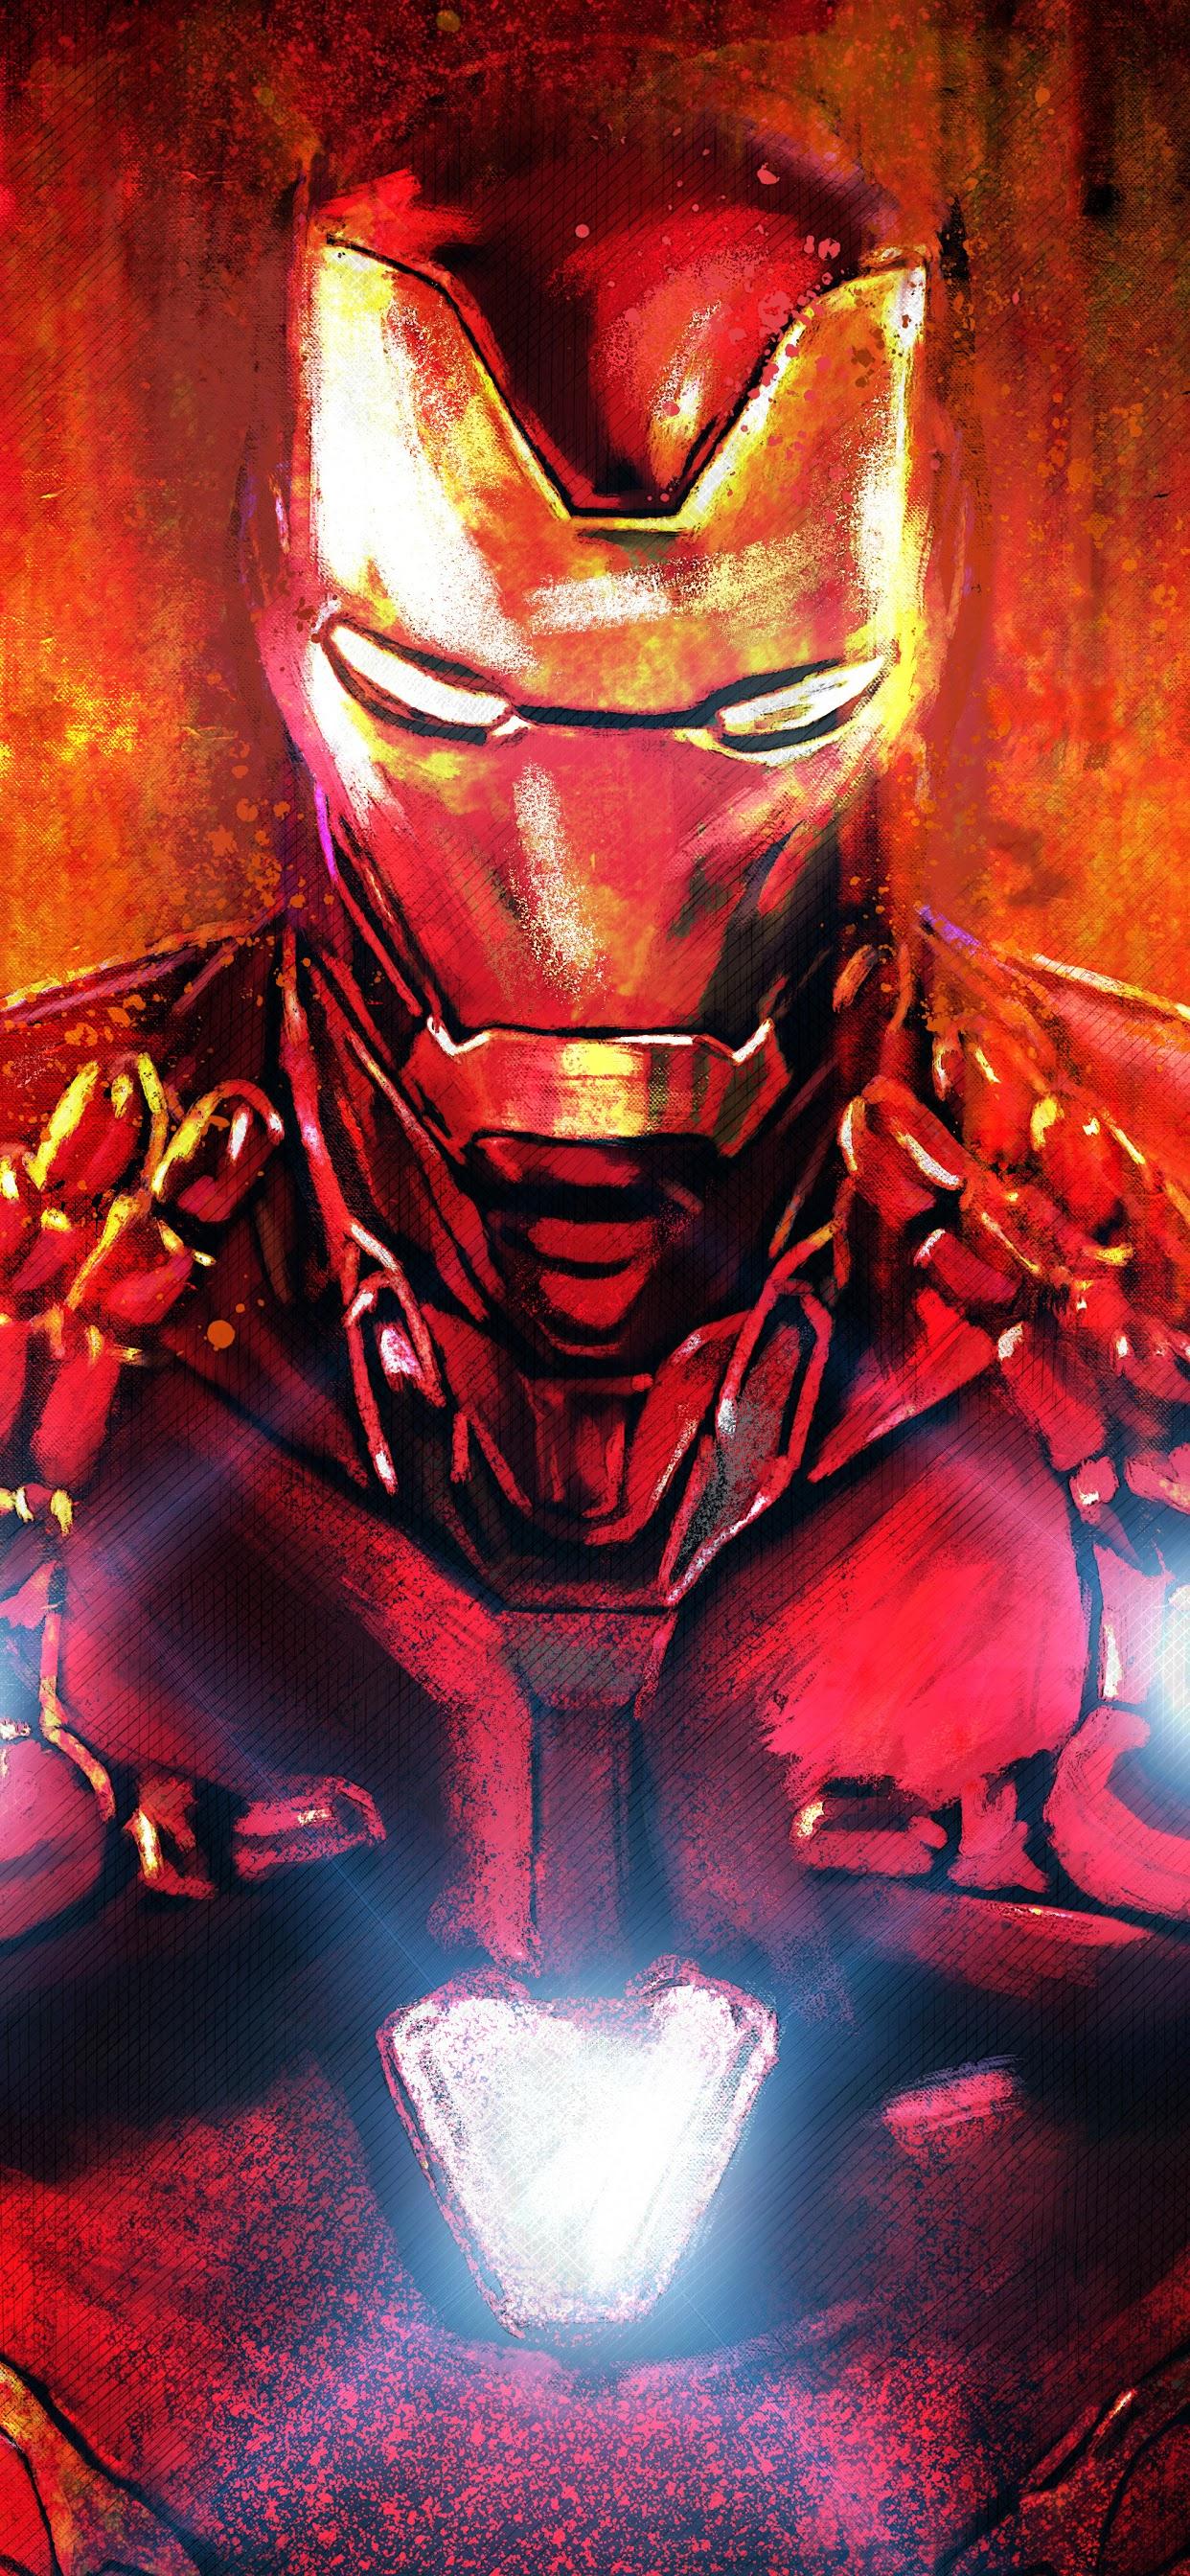 Endgame Iron Man 8k Iphone 11 Pro Max Iron Man 2594067